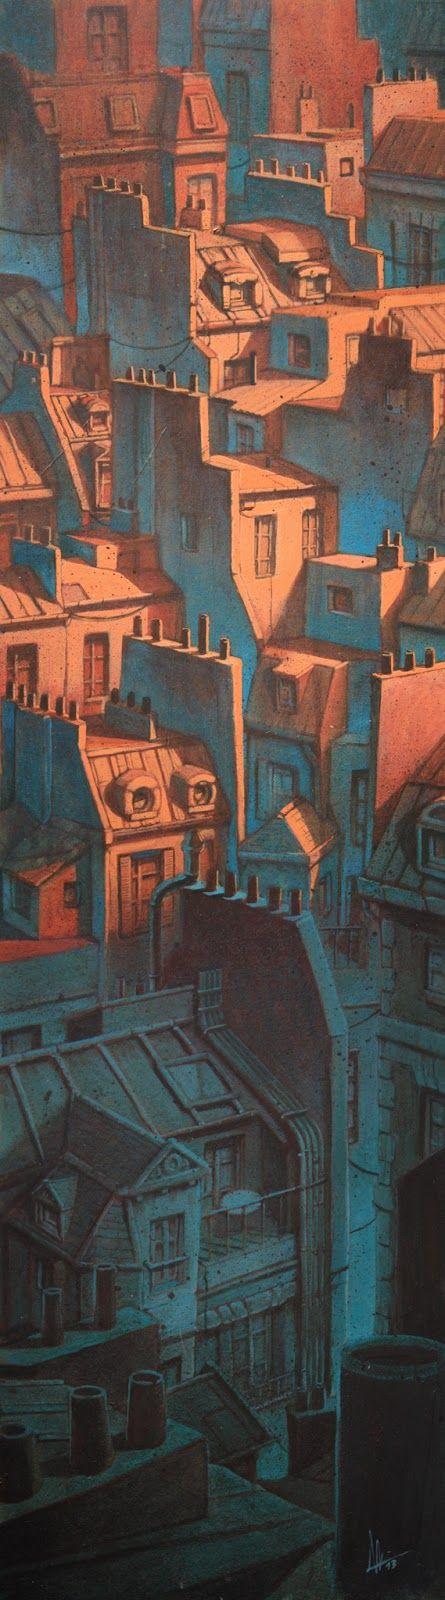 Les 25 meilleures id es de la cat gorie bleu orange sur for Idee deco urbain